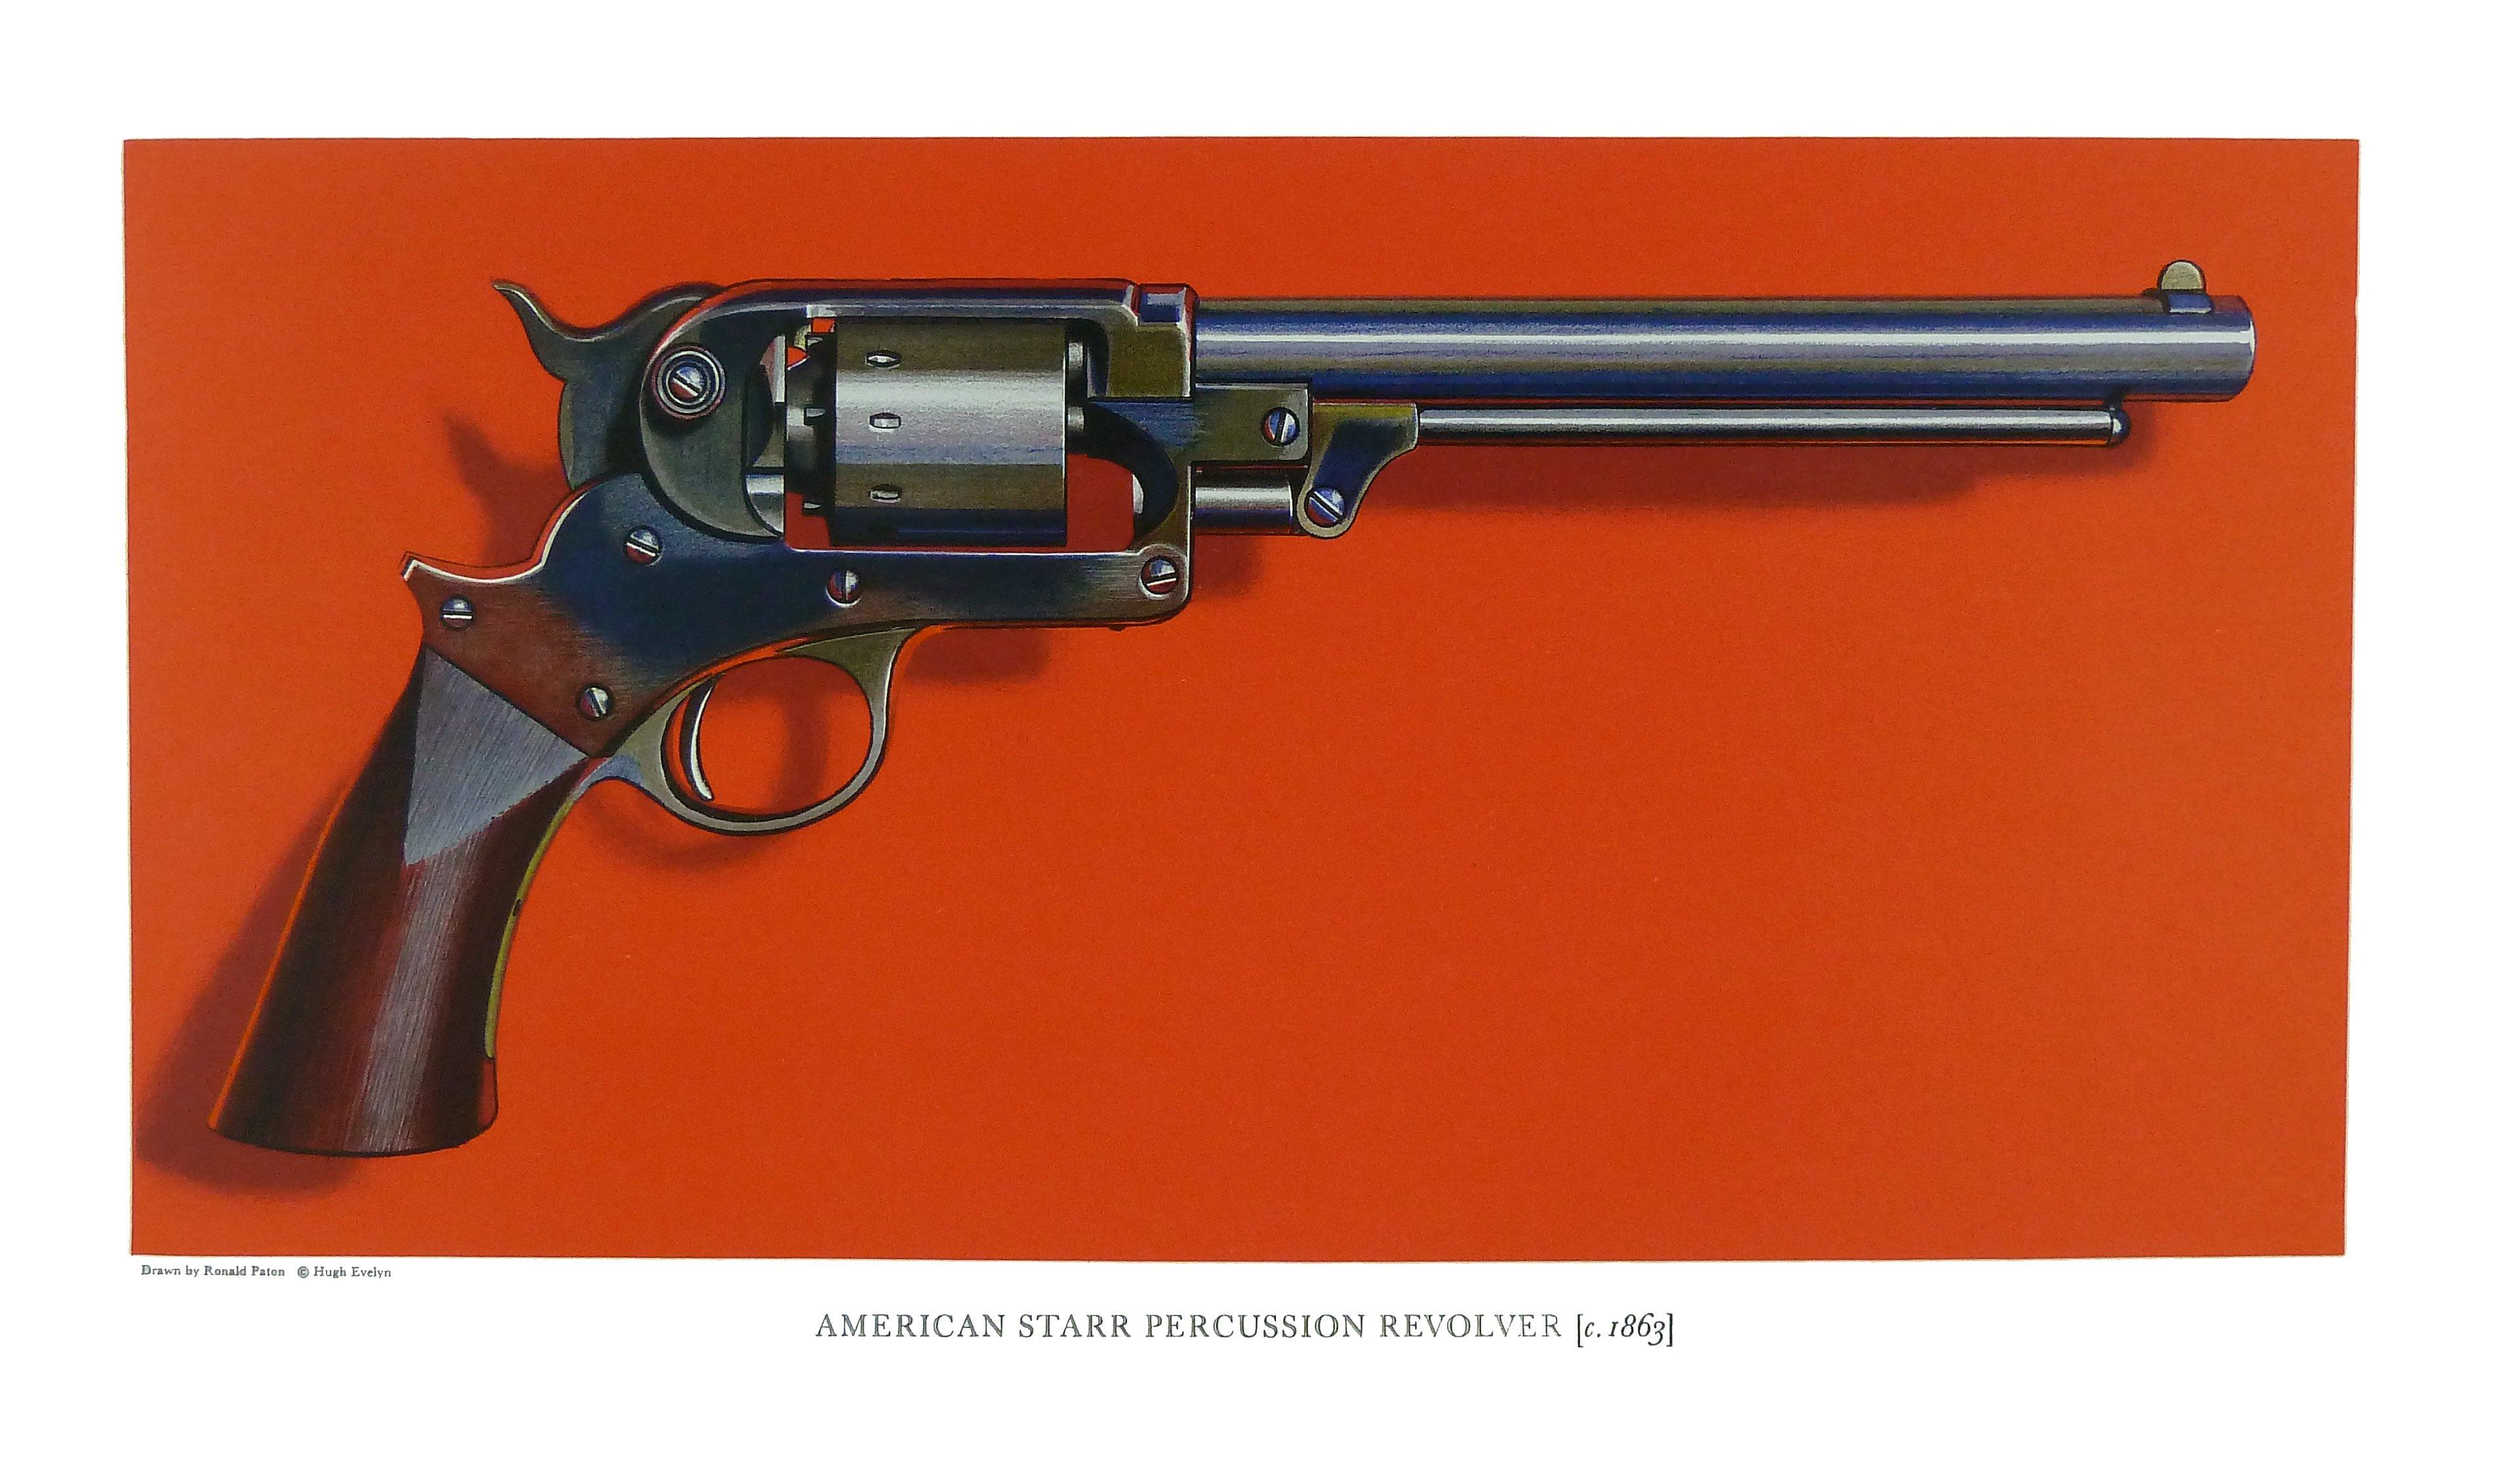 American Starr Patent Jan  15, 1856 Percussion Revolver, c  1863